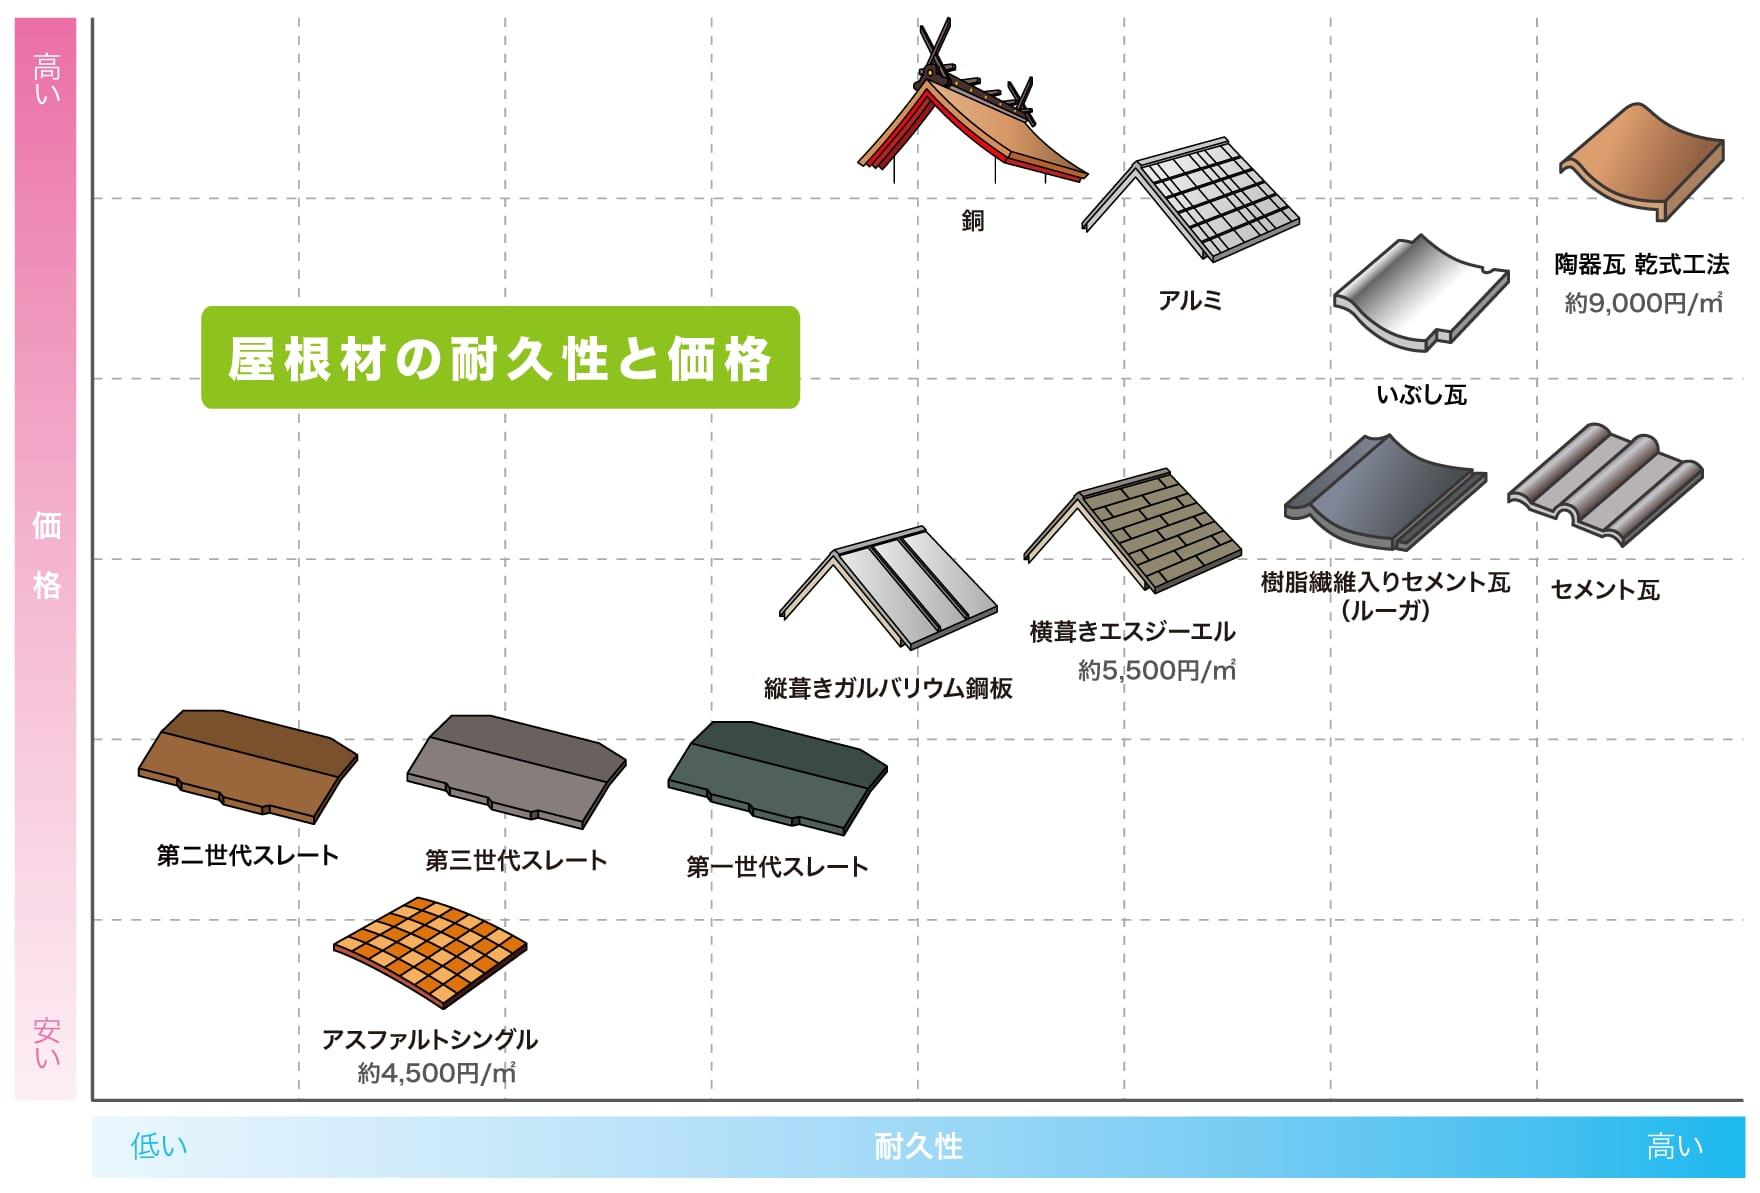 屋根材の耐久性と価格